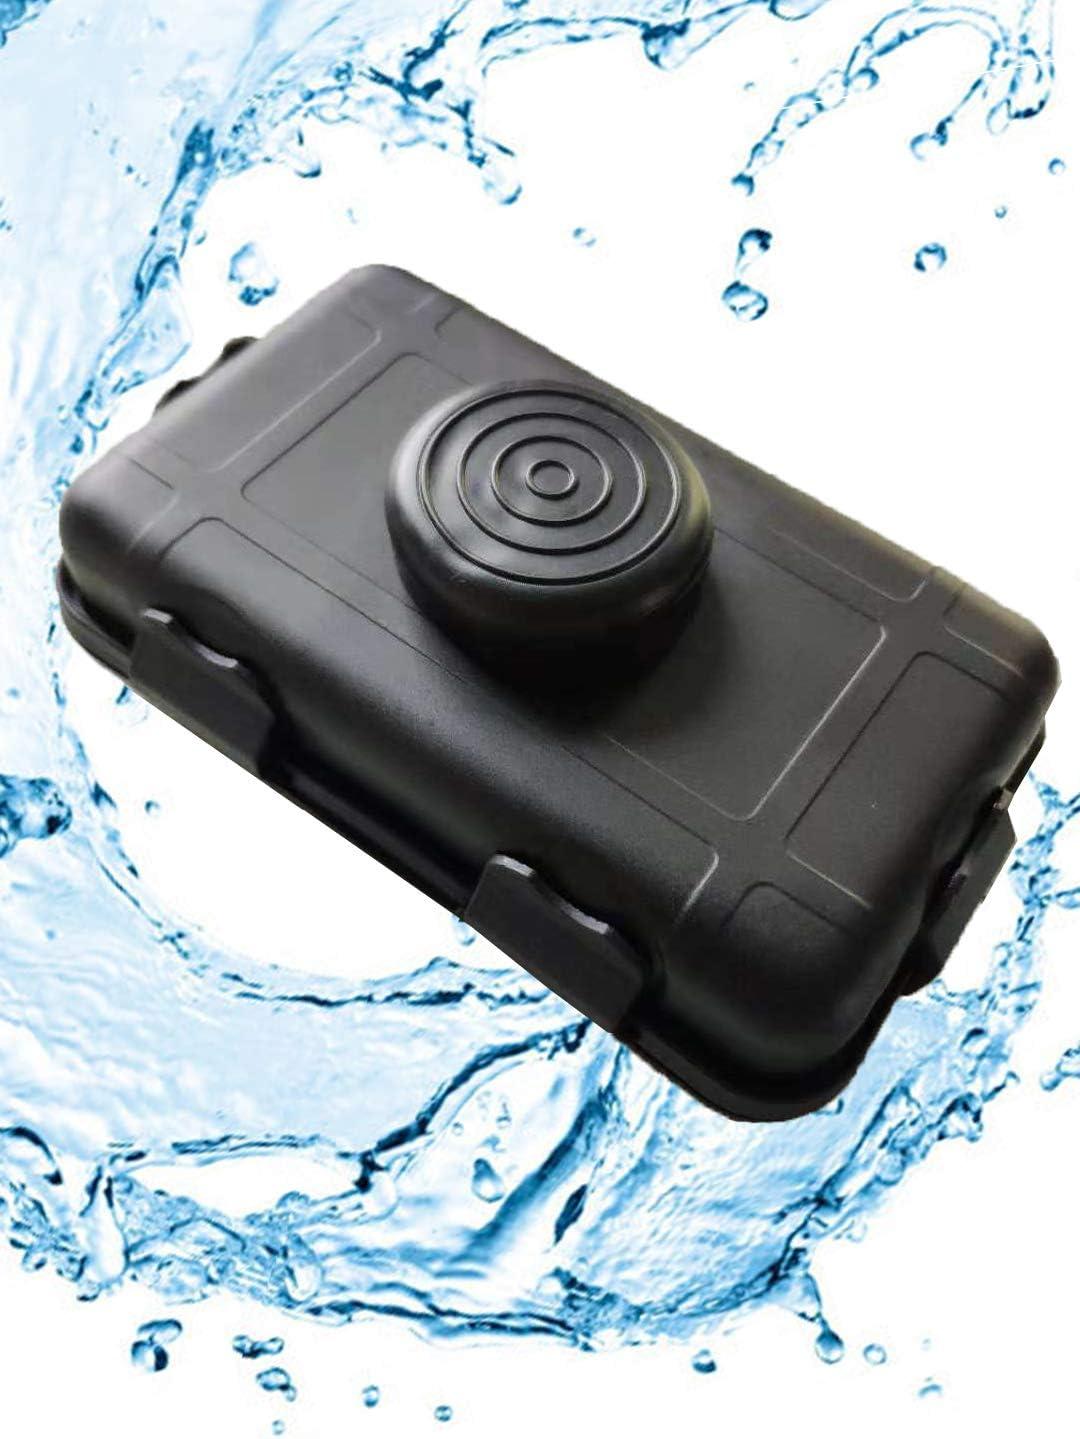 Magnetic Under Car Stash Box Vehicle Safe Secret Case Hidden GPS Keys Container